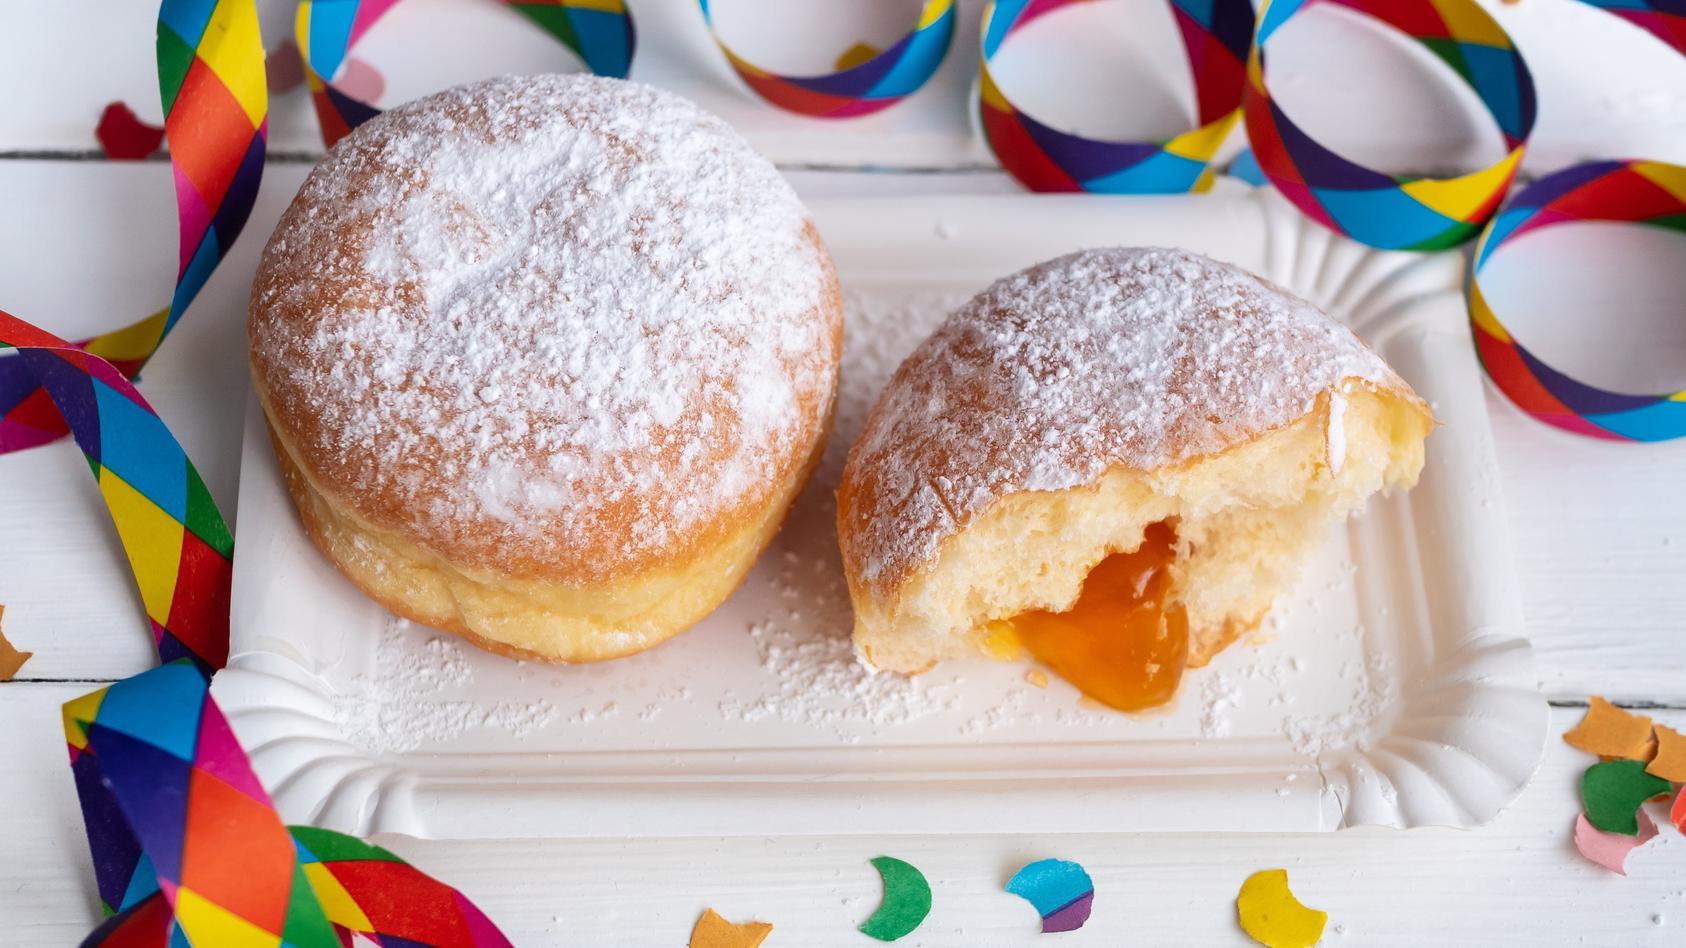 Die Hefeteiglinge haben viele Namen: In Westdeutschland heißen sie Berliner, in Hessen sind's Kreppel oder Krapfen, in Ostdeutschland sagt man Pfannkuchen.